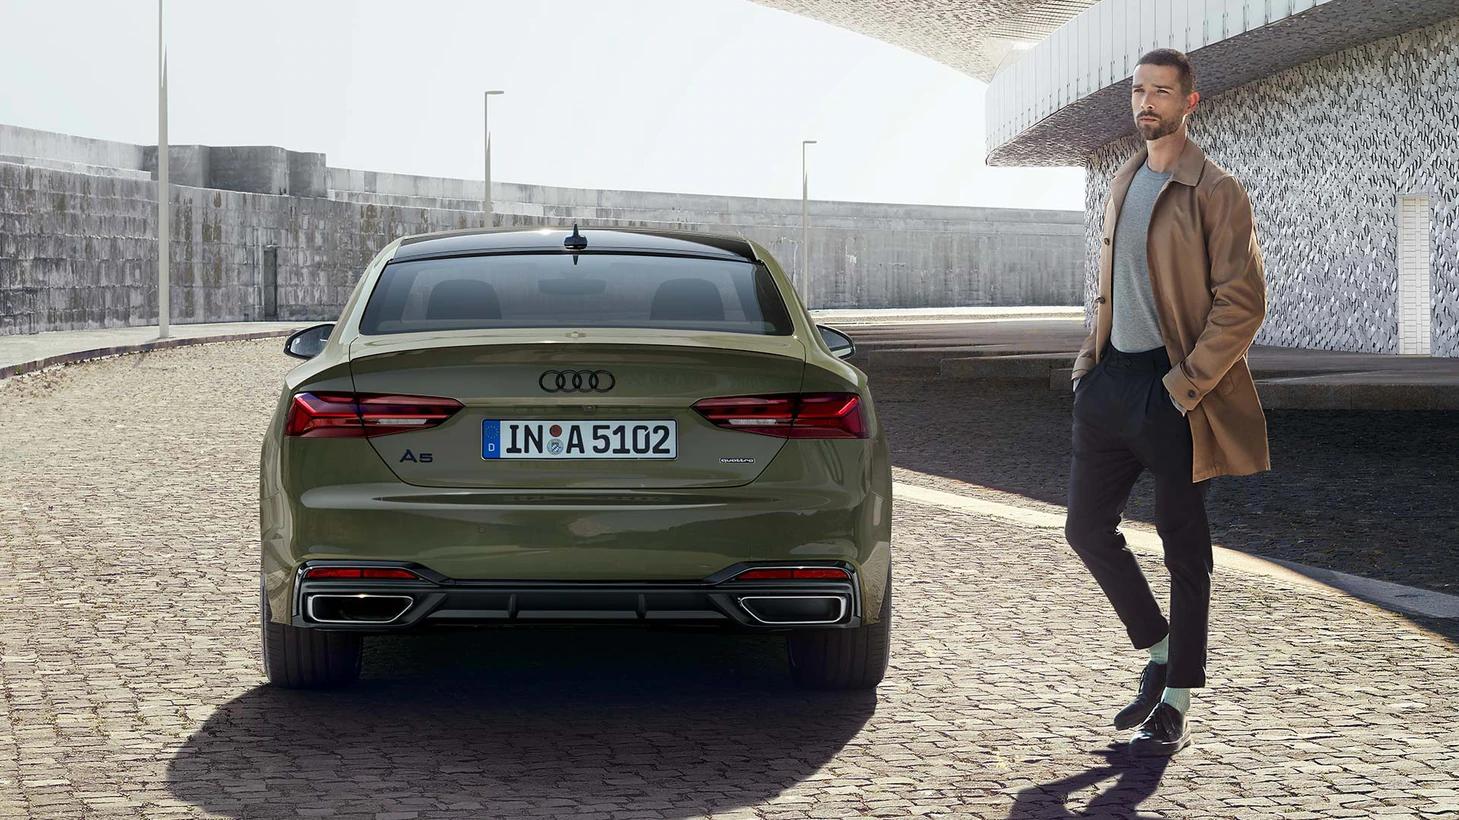 Venta de Audi A5 precio Mexico